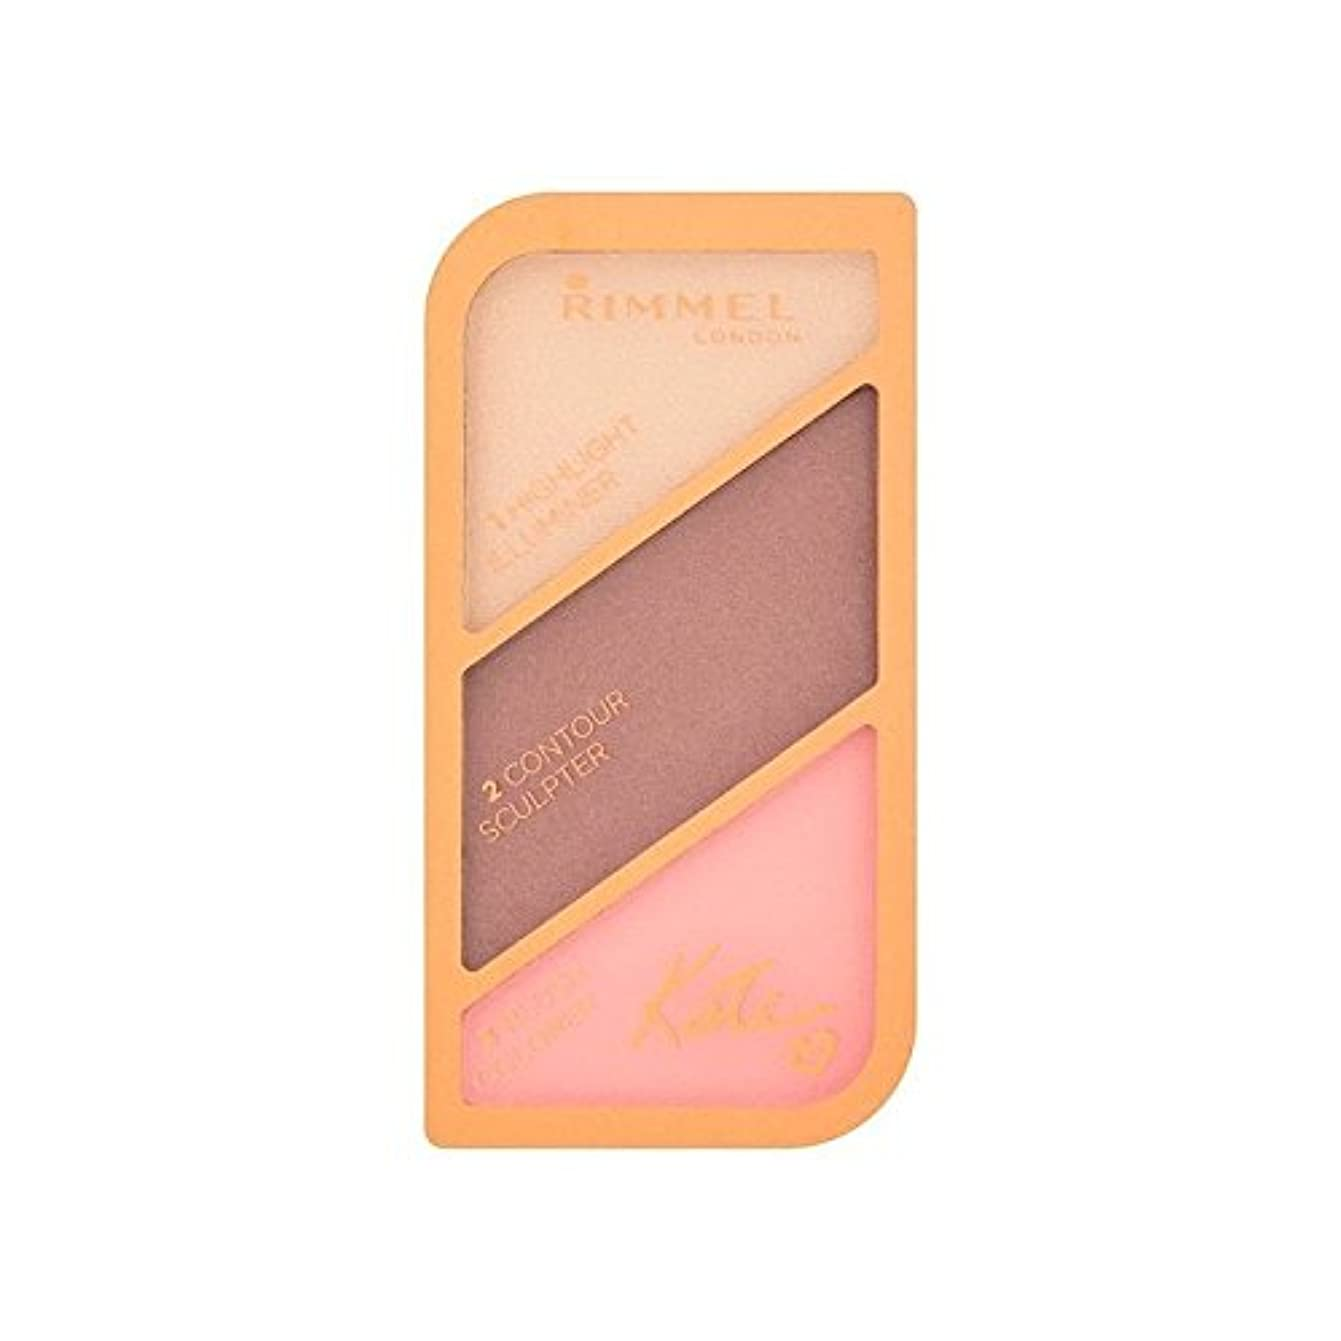 胃オレンジ貫入Rimmel Kate Moss Sculpting Palette Golden Bronze 003 - リンメルケイト?モスの彫刻パレット黄金のブロンズ003 [並行輸入品]